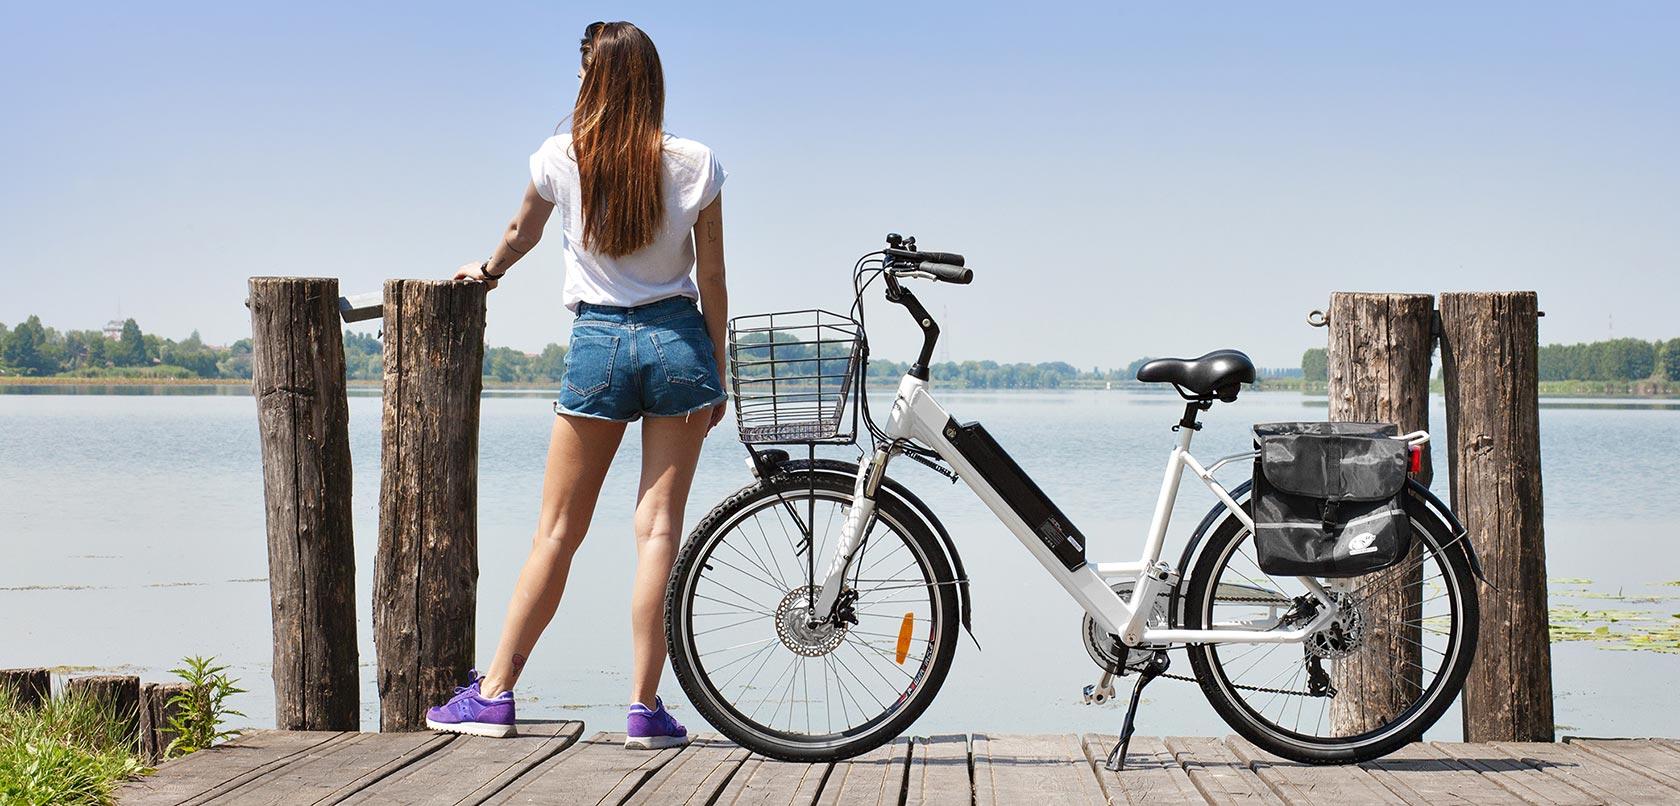 cityenergy bicicletta a pedalata assistita - Wy bicicletta elettrica